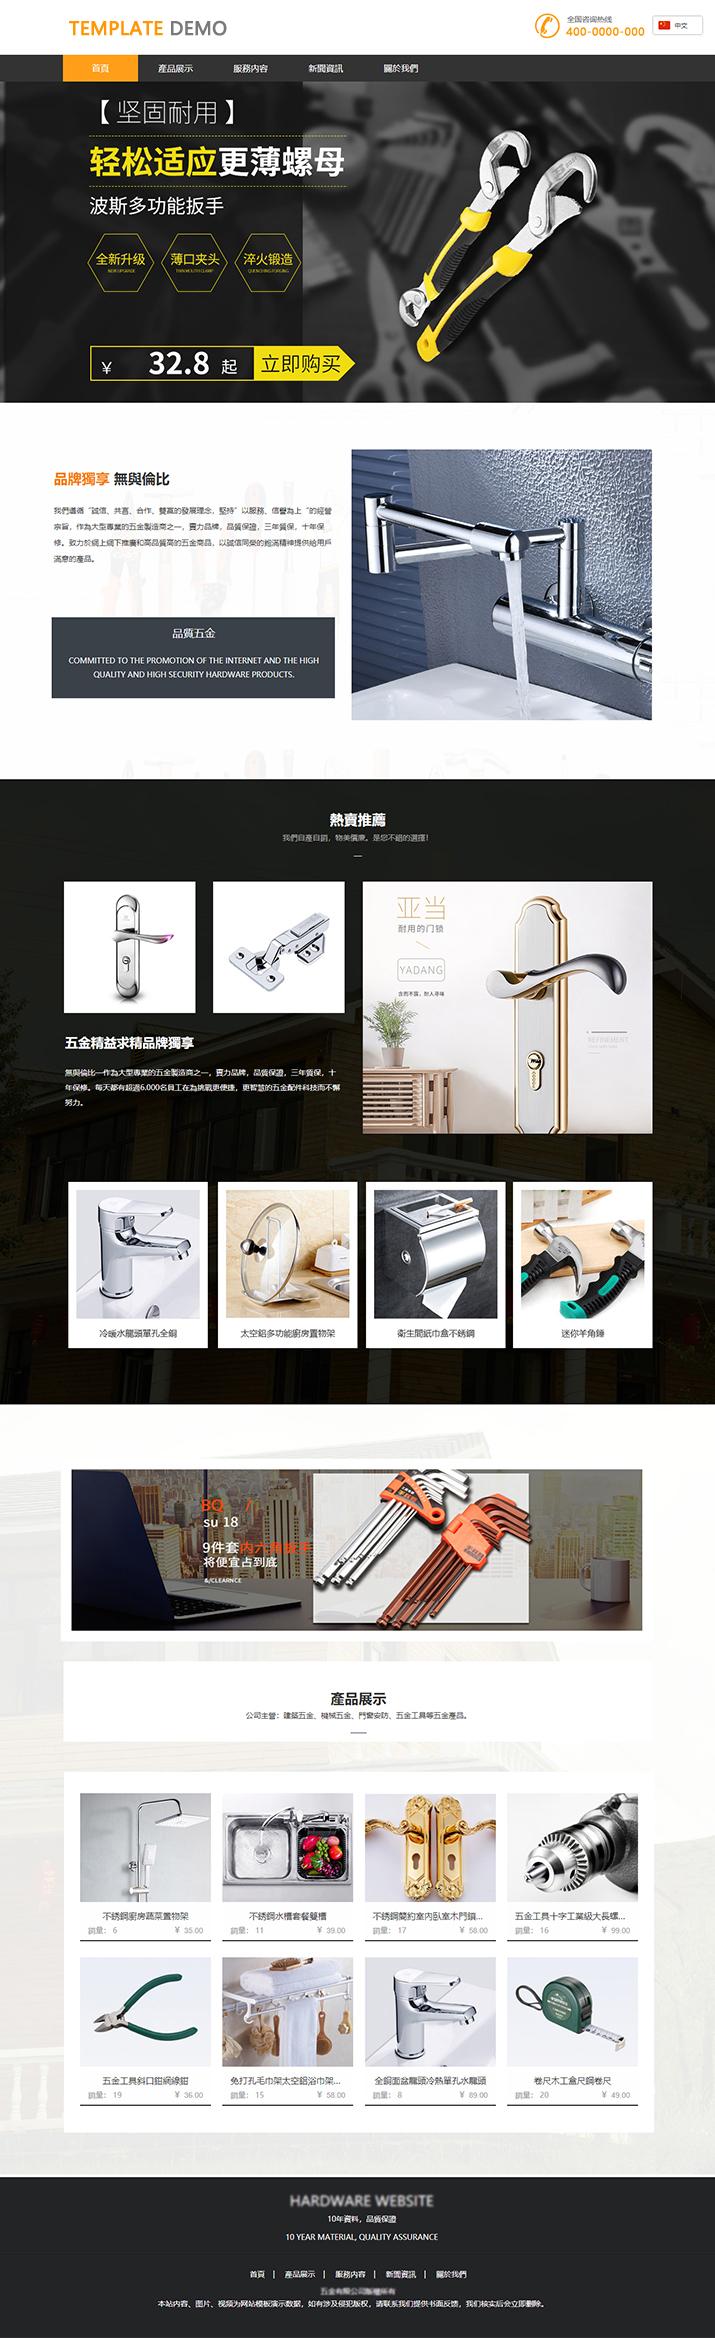 专业五金网站免费模板